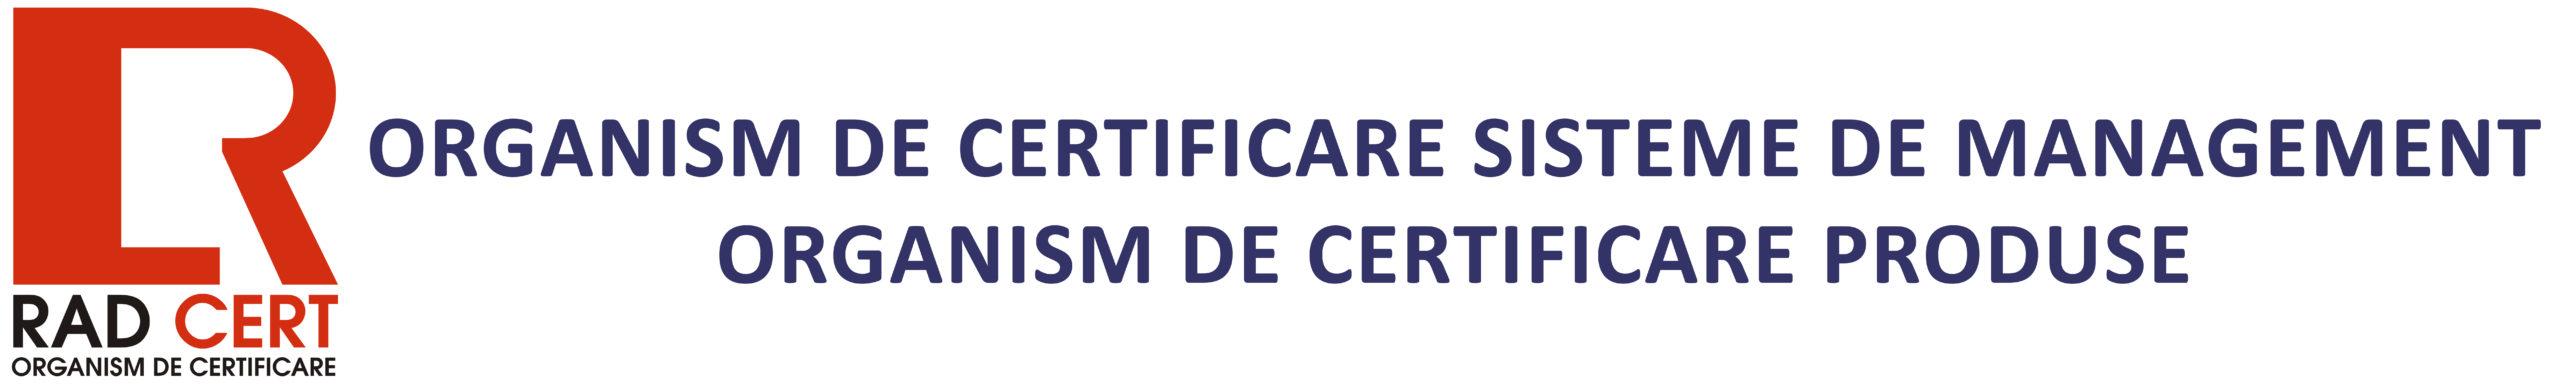 RAD CERT SRL - Organism de Certificare